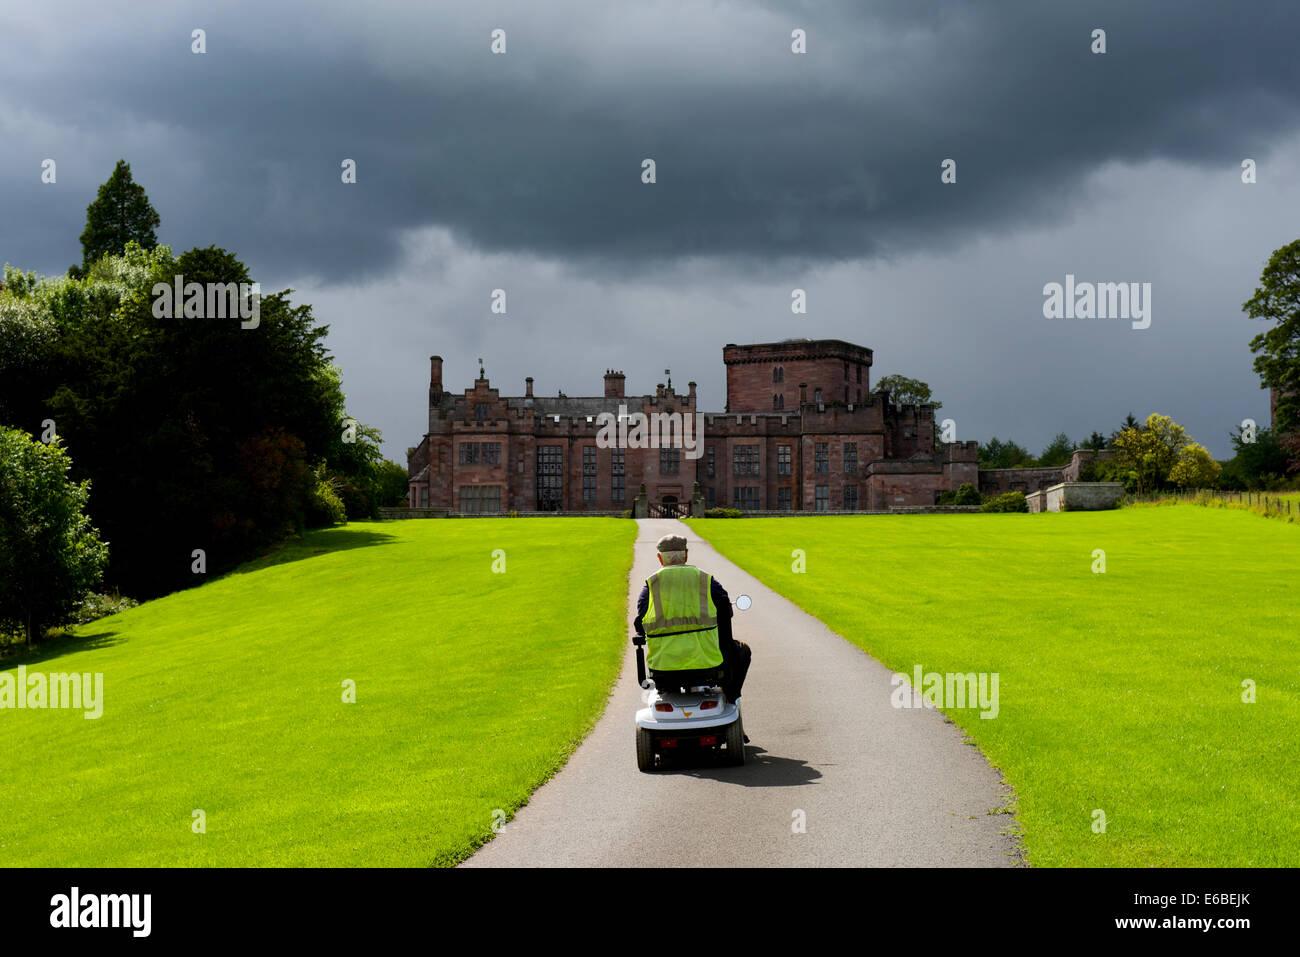 Mann auf Mobilität Roller nähert sich Greystoke Schloß, Cumbria, England UK Stockbild